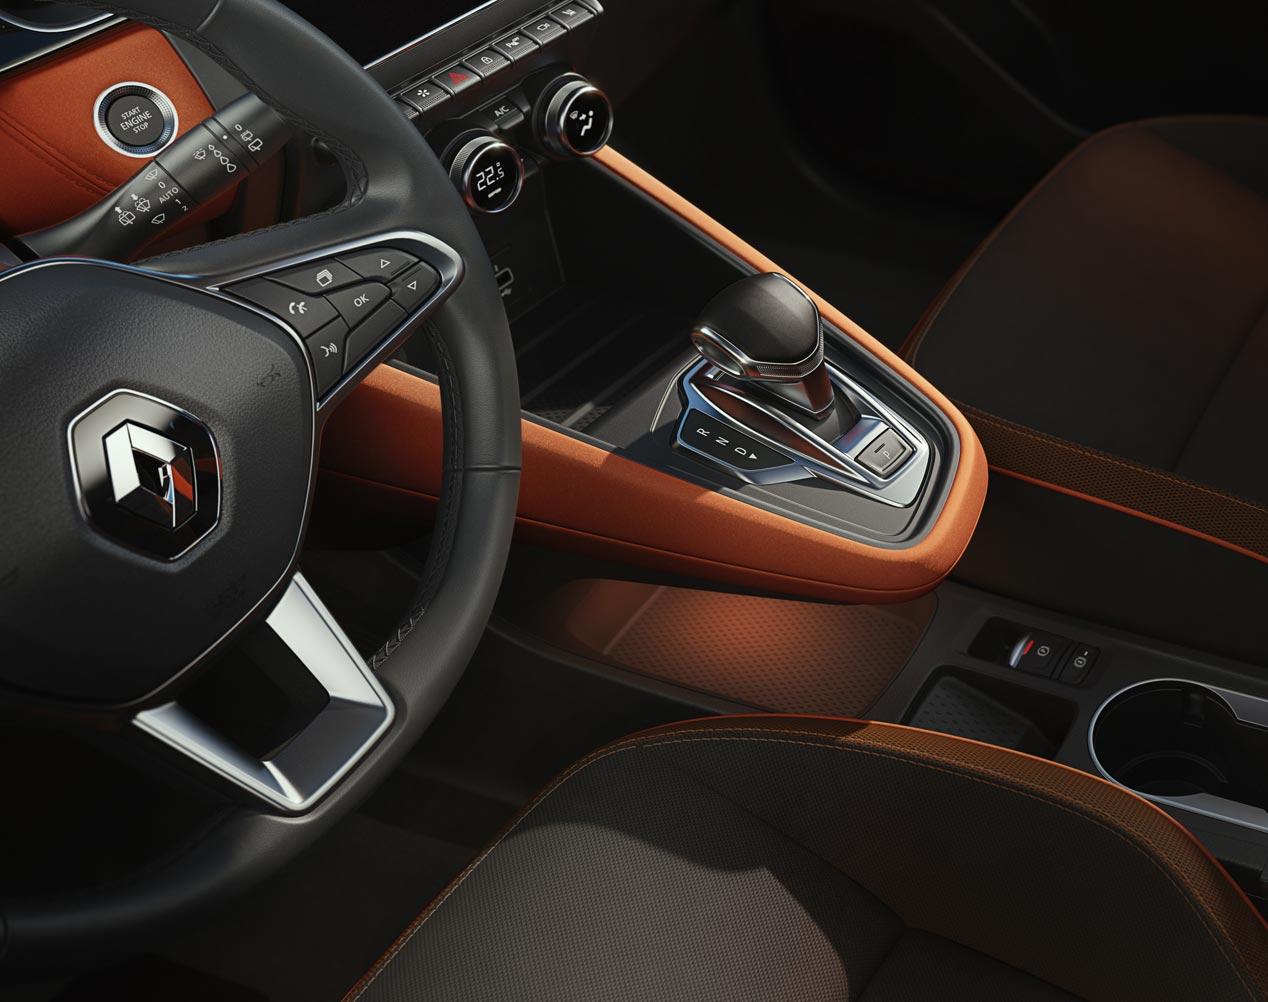 Renault Captur, las claves del nuevo SUV urbano francés